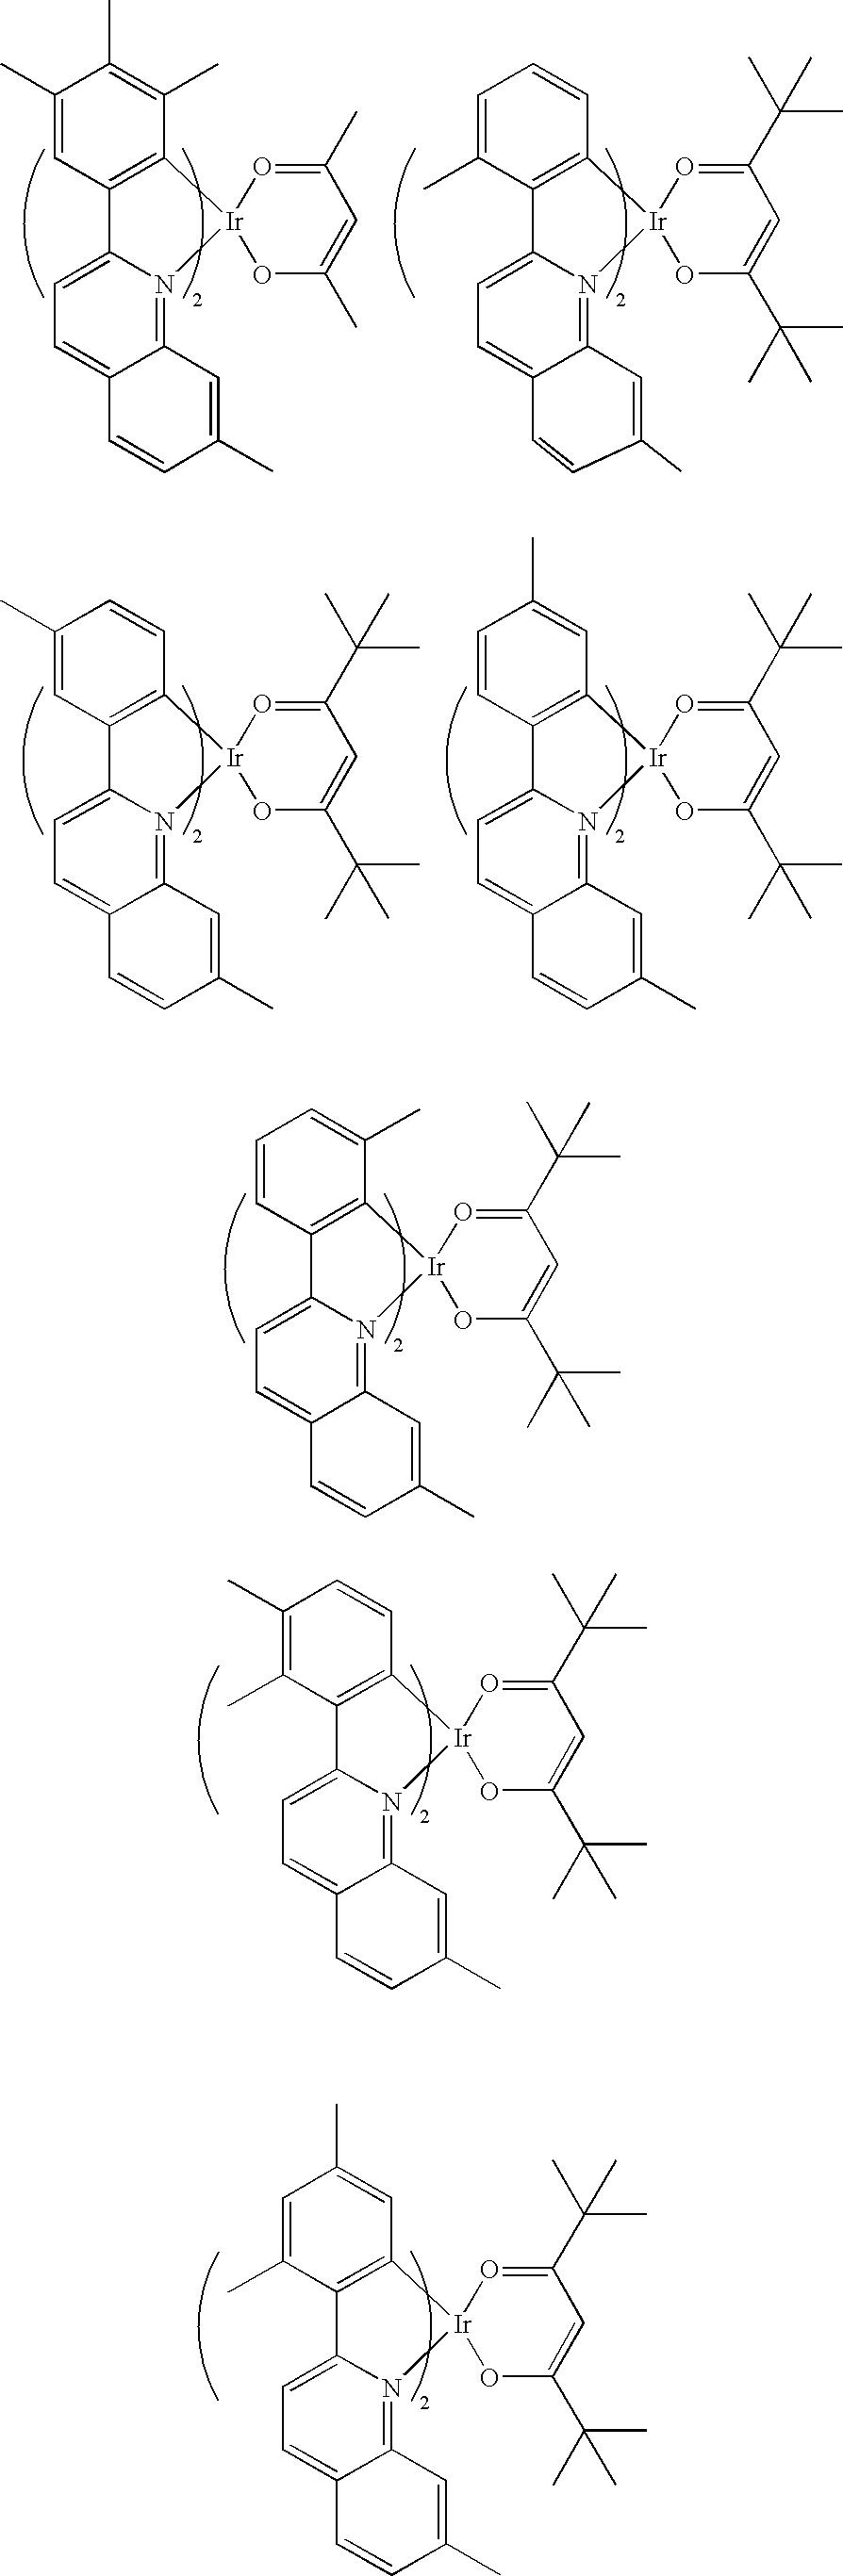 Figure US20060202194A1-20060914-C00029